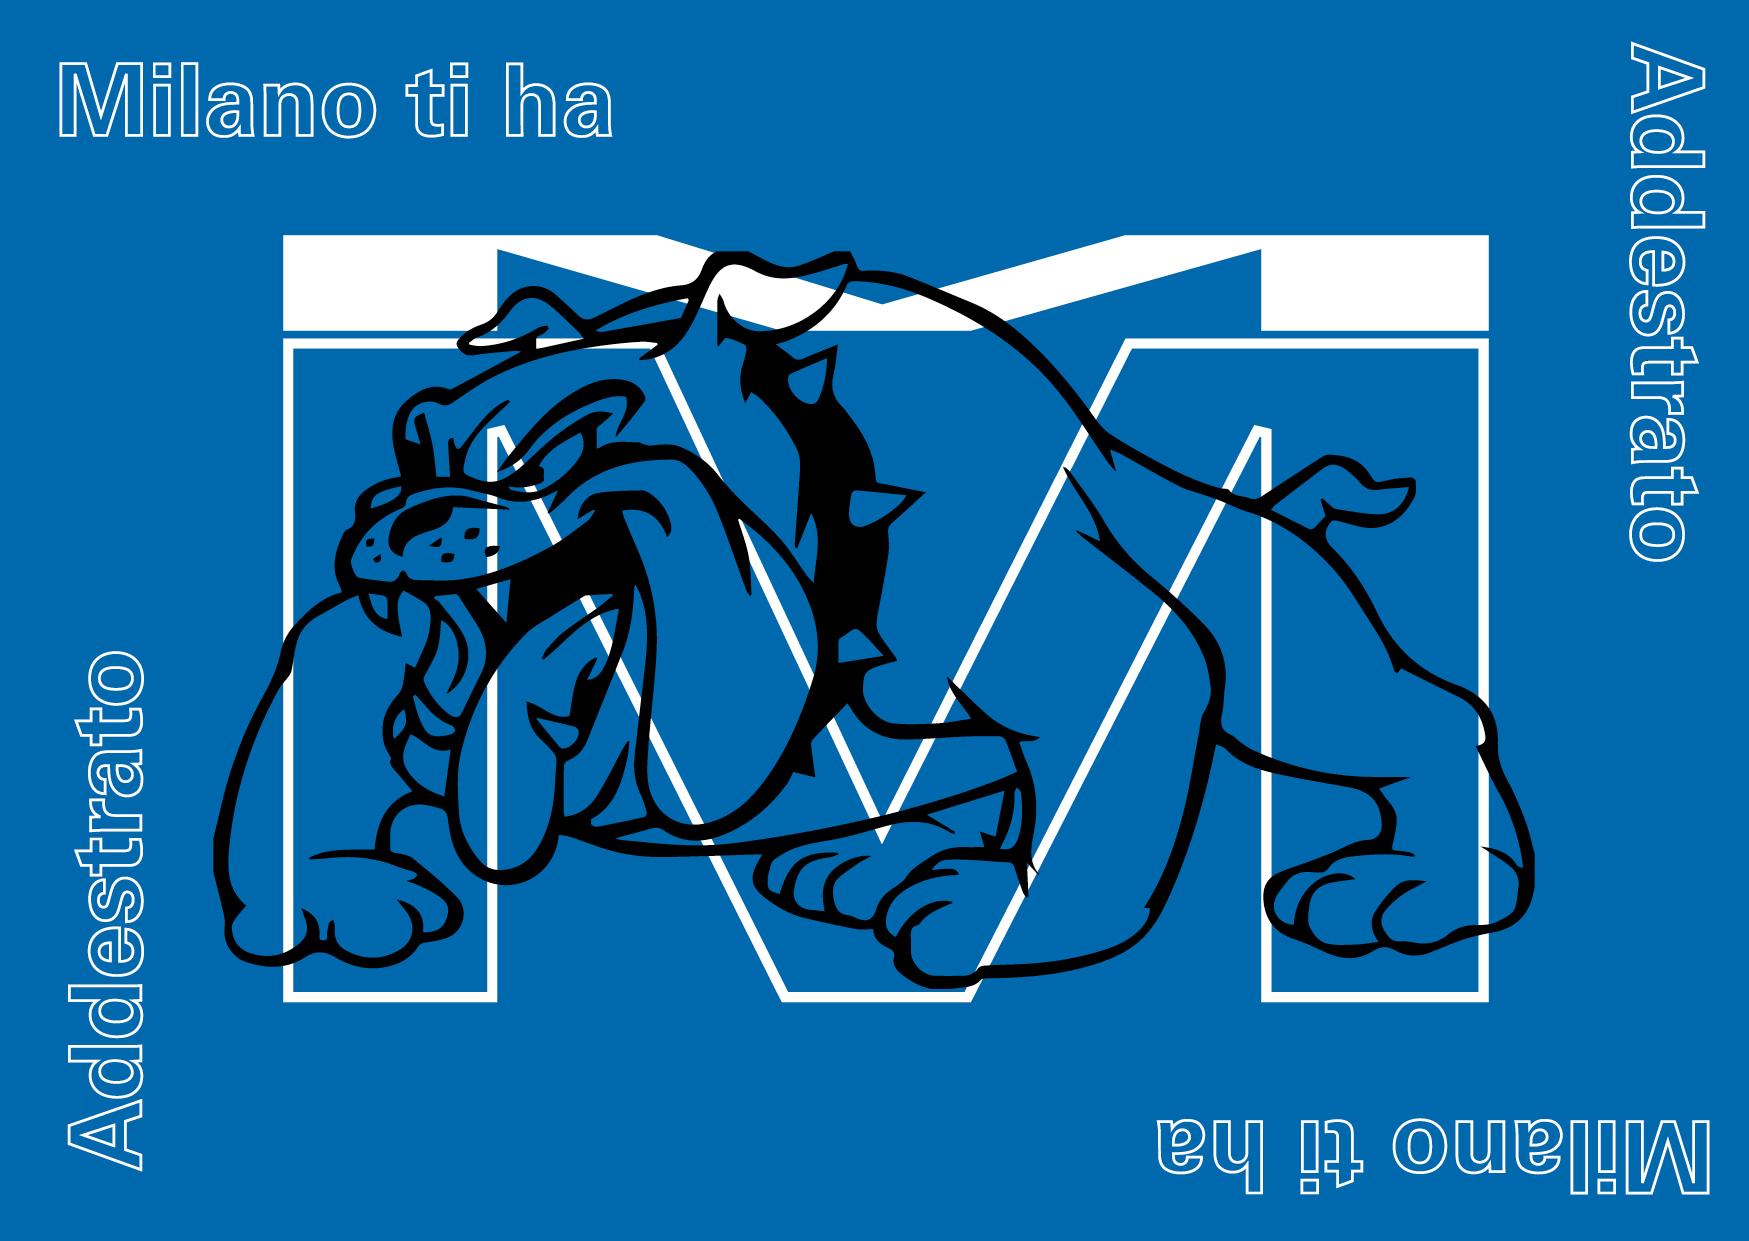 Marco Fasolini x adidas Originals